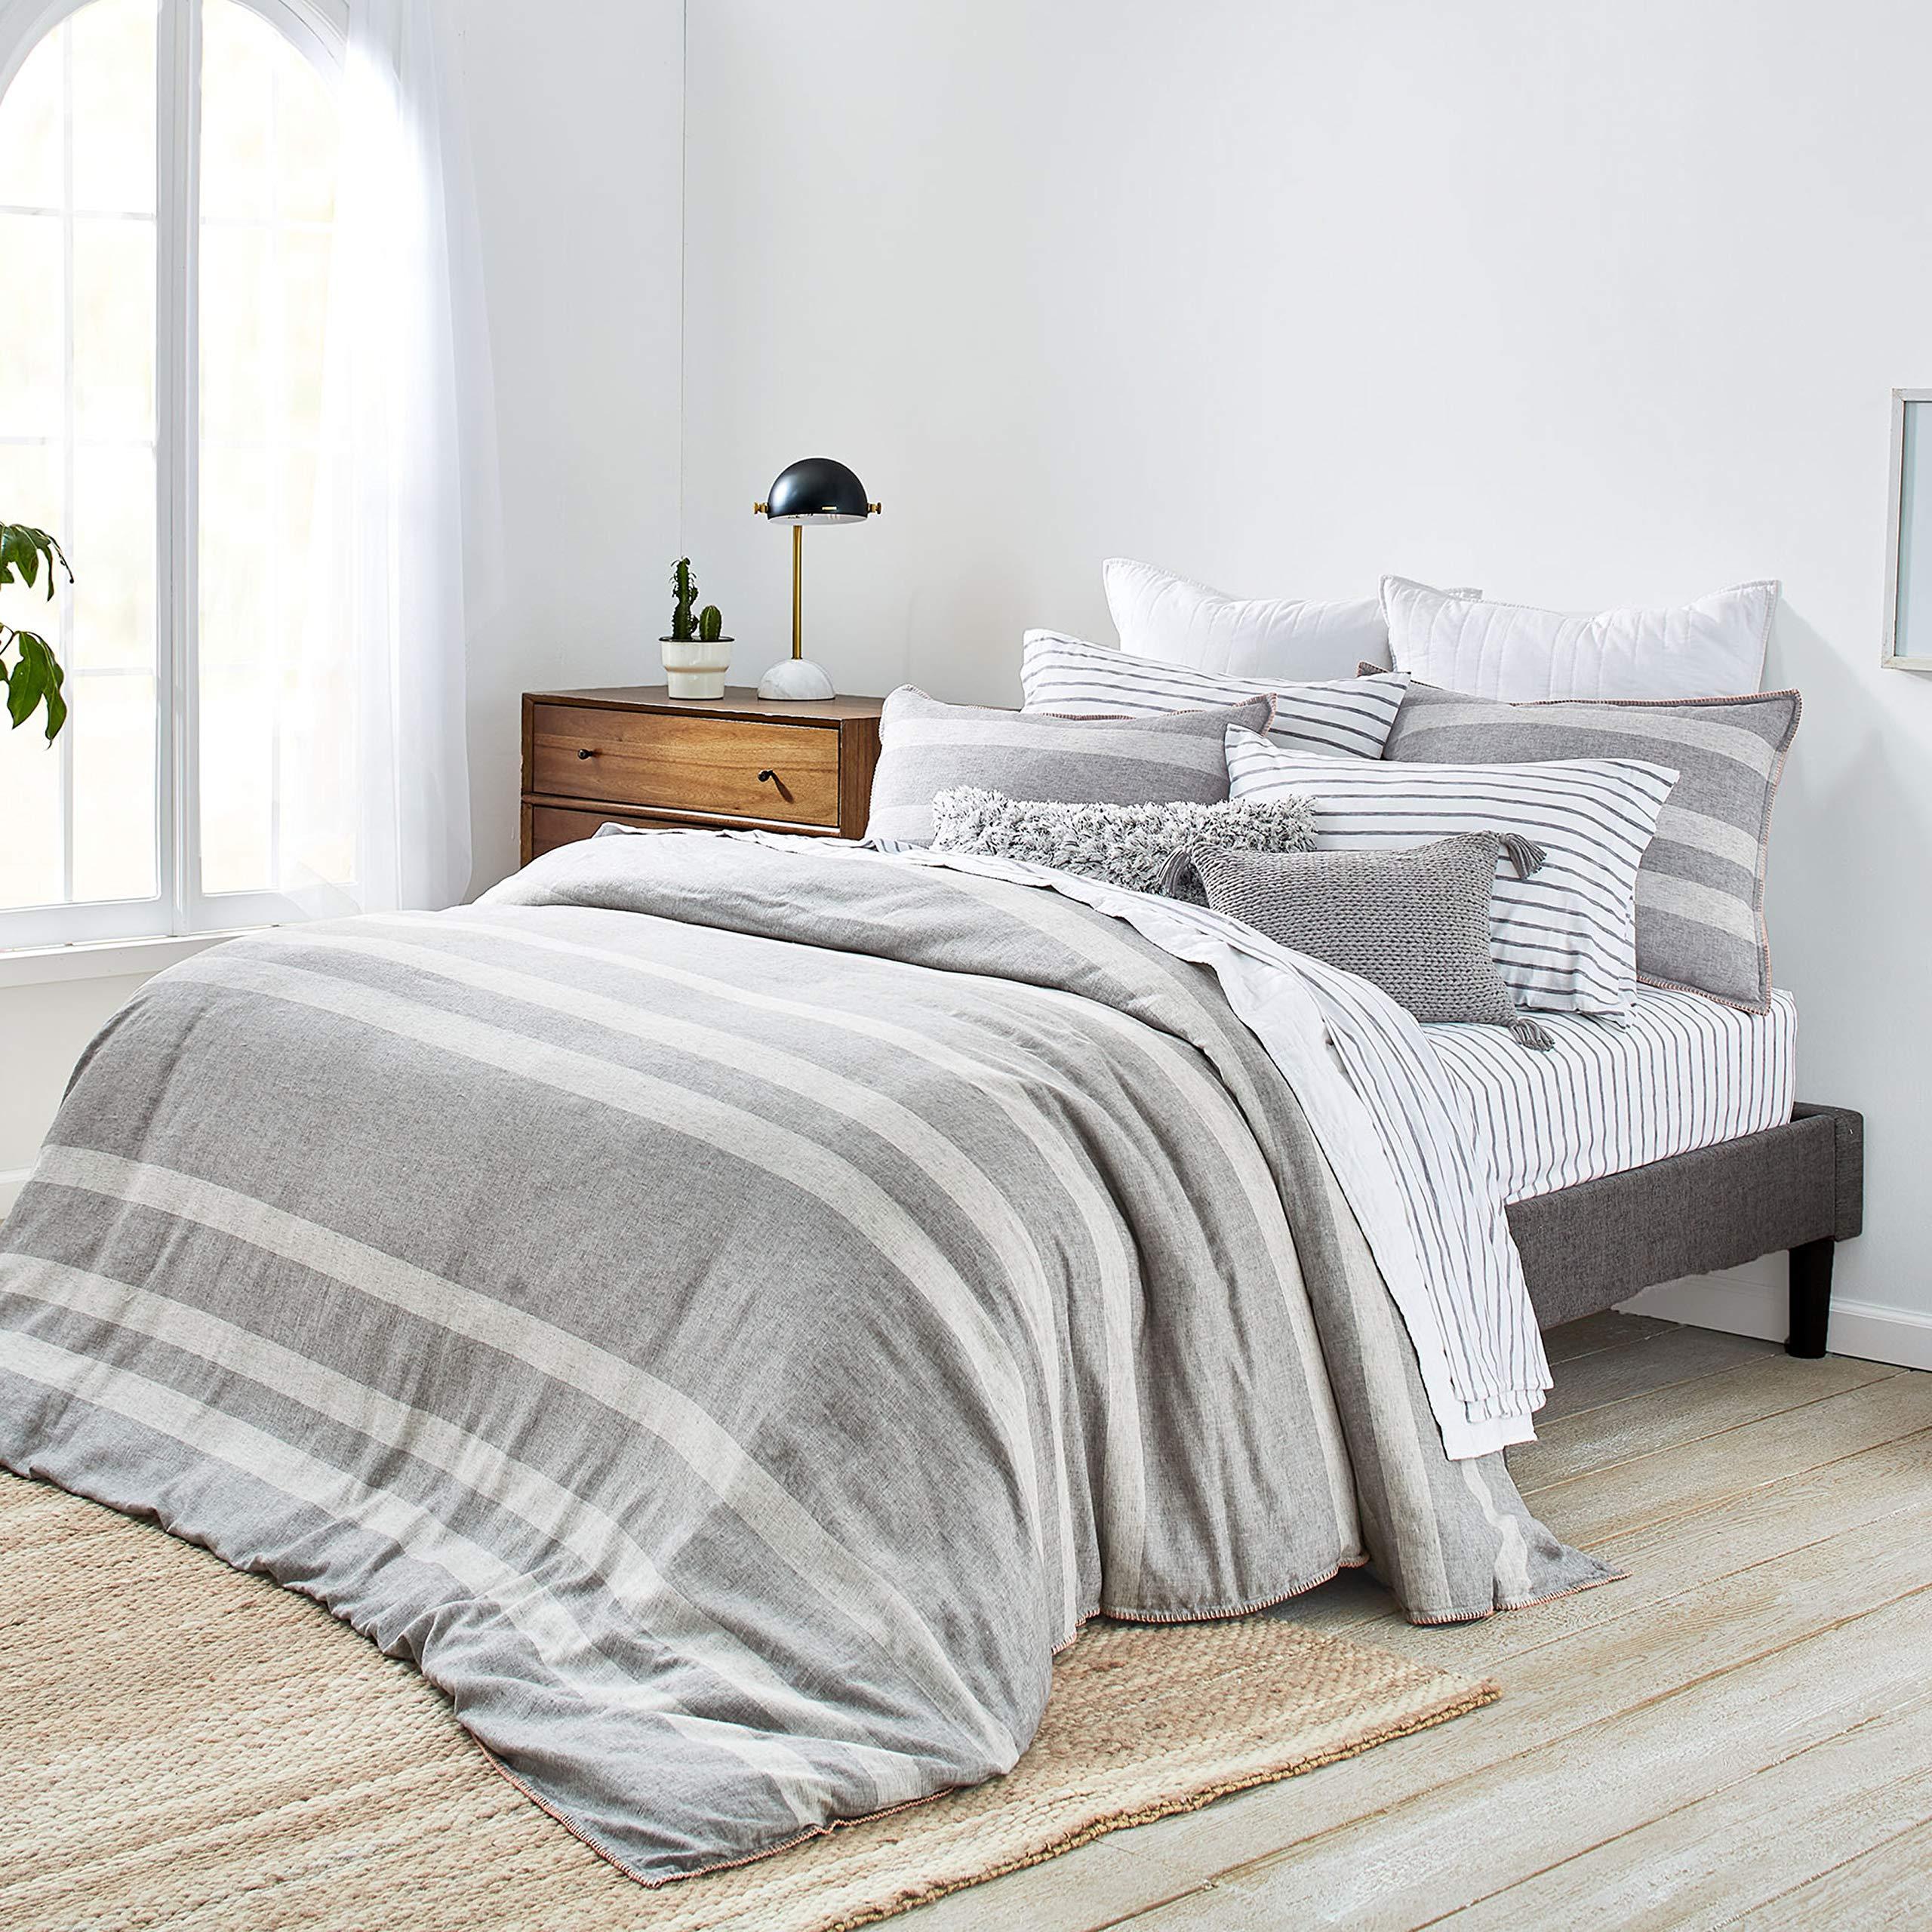 Splendid Home Carmel Comforter Set, King, Light Charcoal